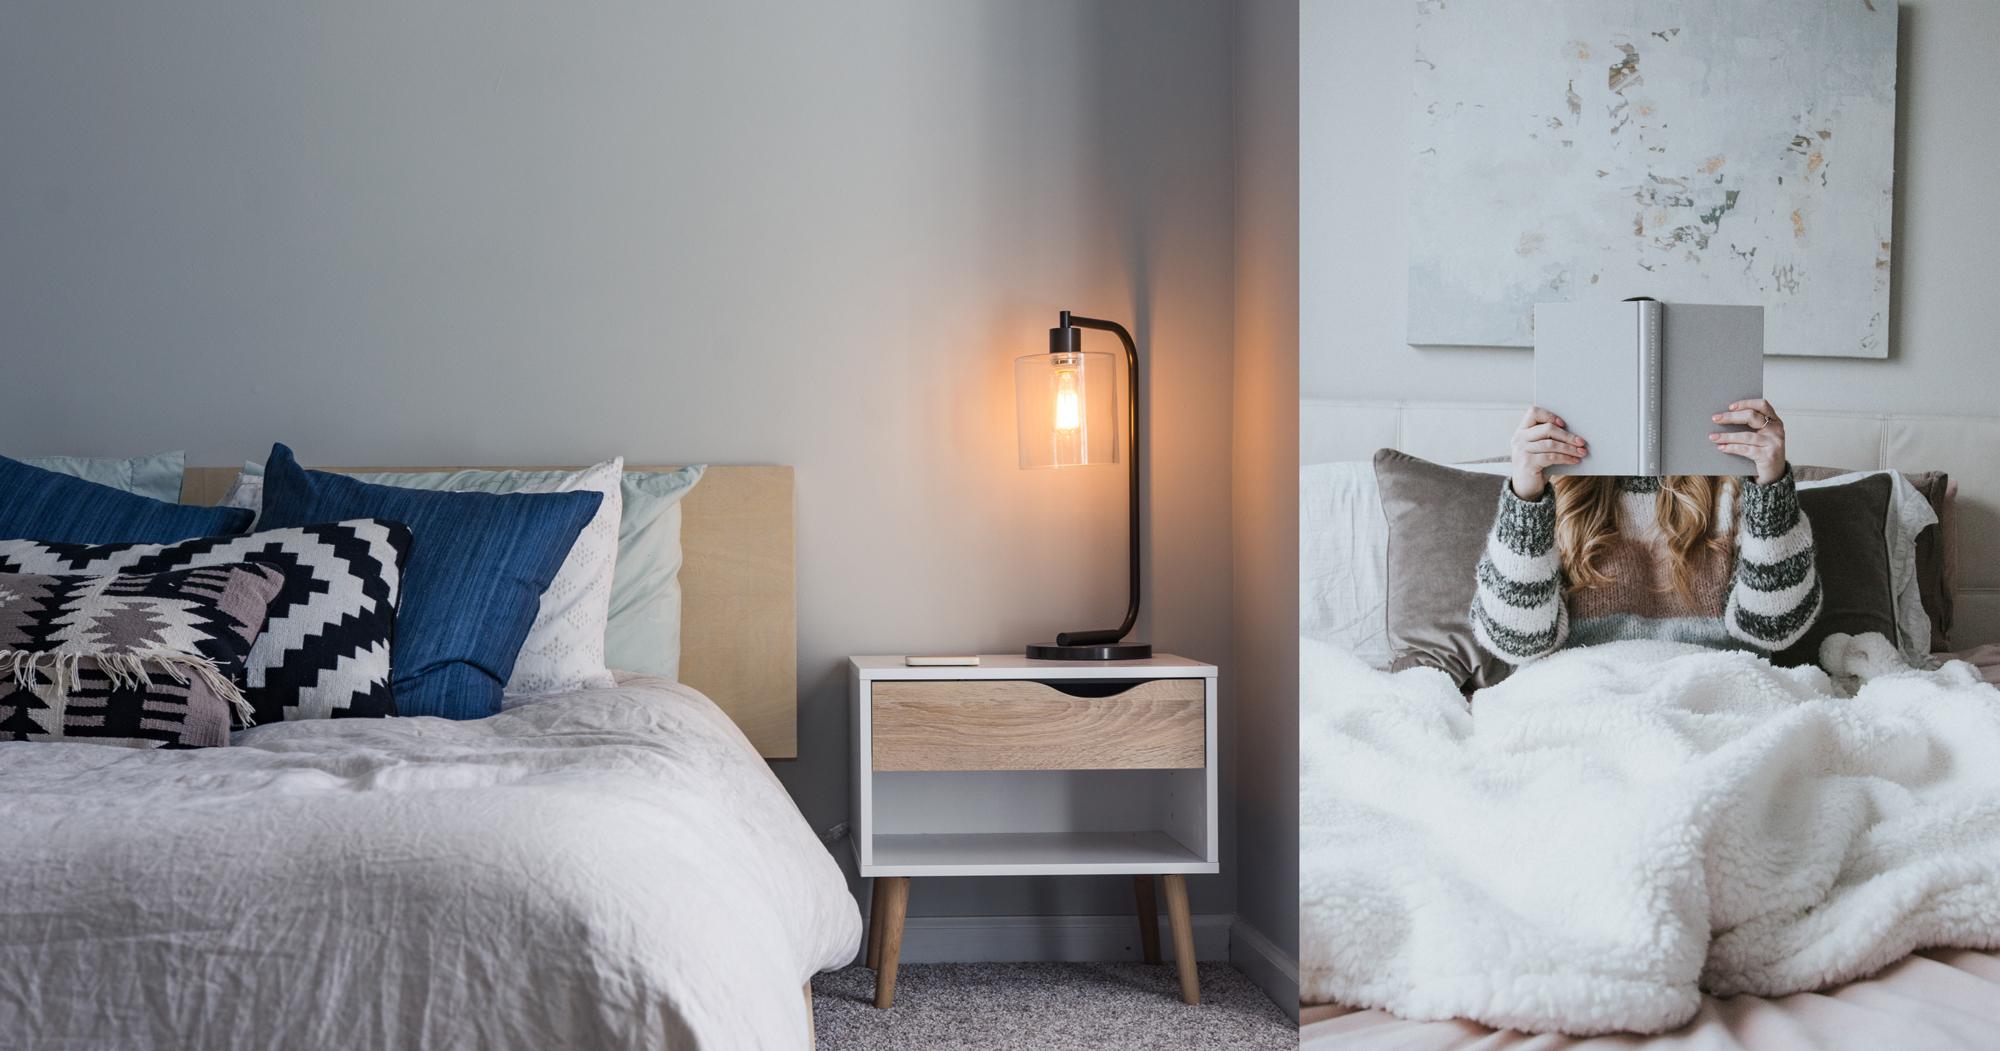 Coussins moelleux et couette cosy pour une chambre accueillante et hygge